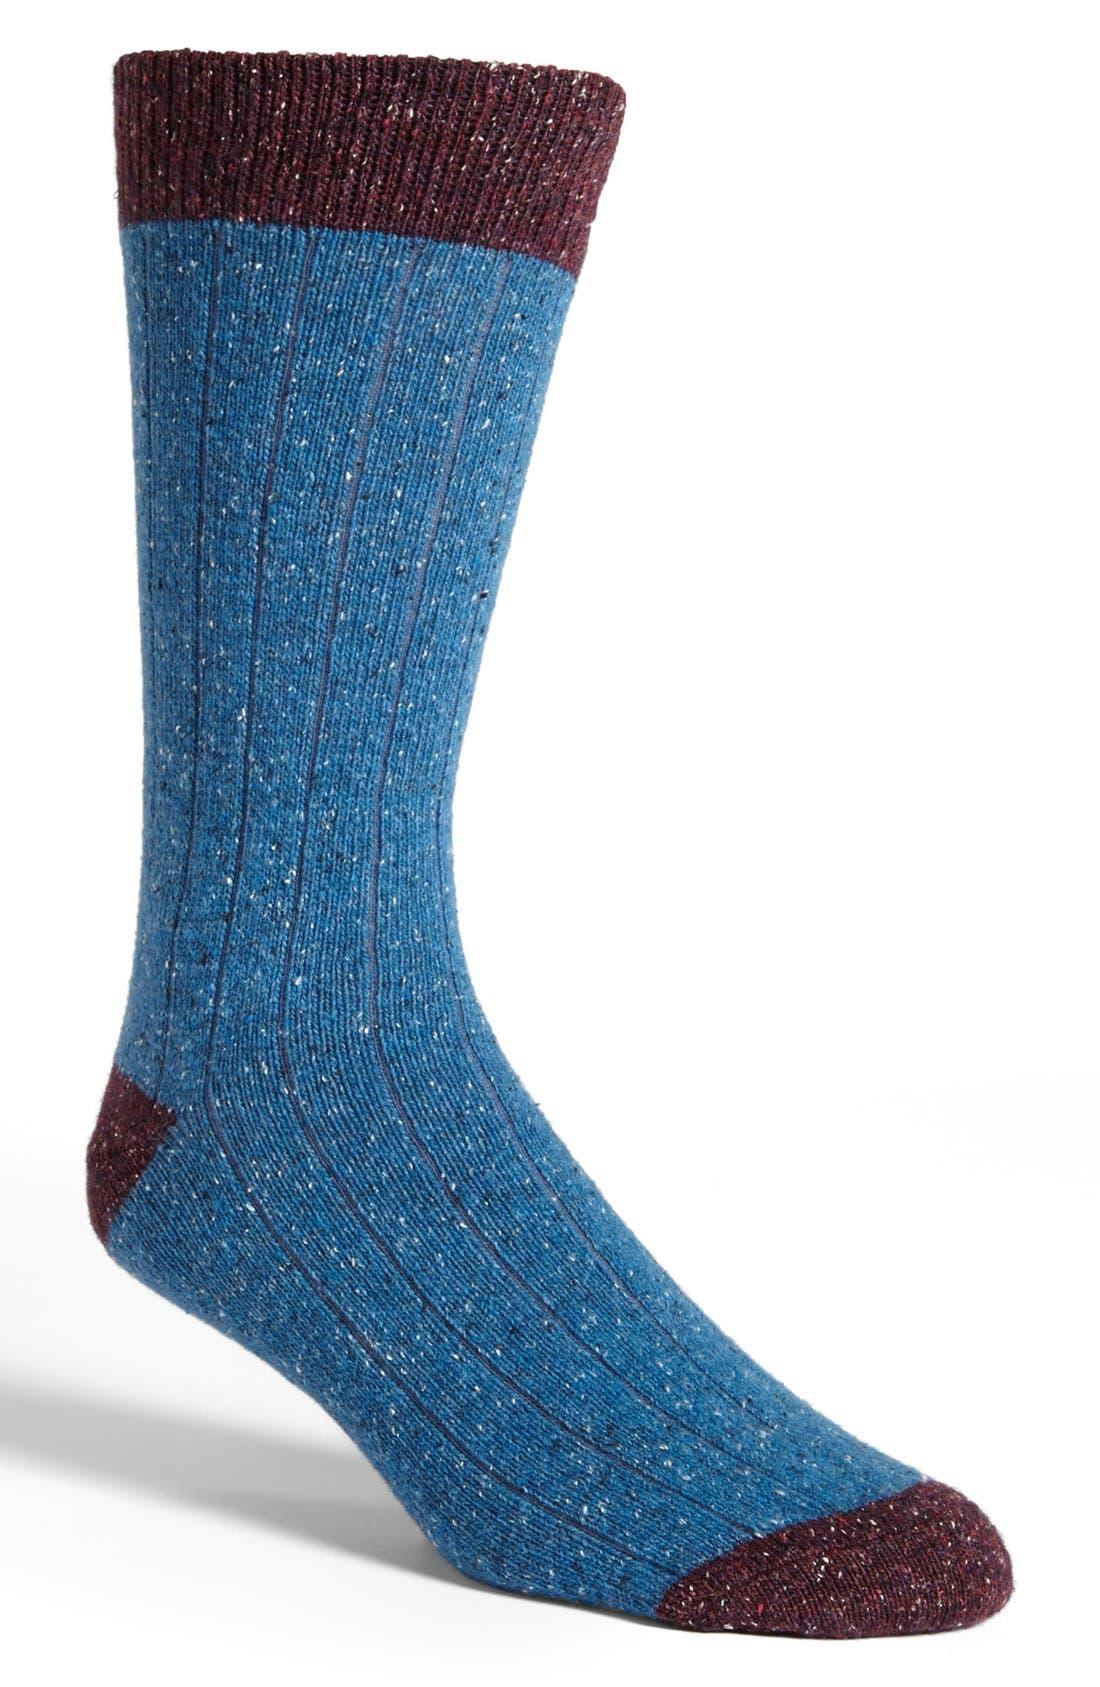 Alternate Image 1 Selected - Etiquette Clothiers Tweed Socks